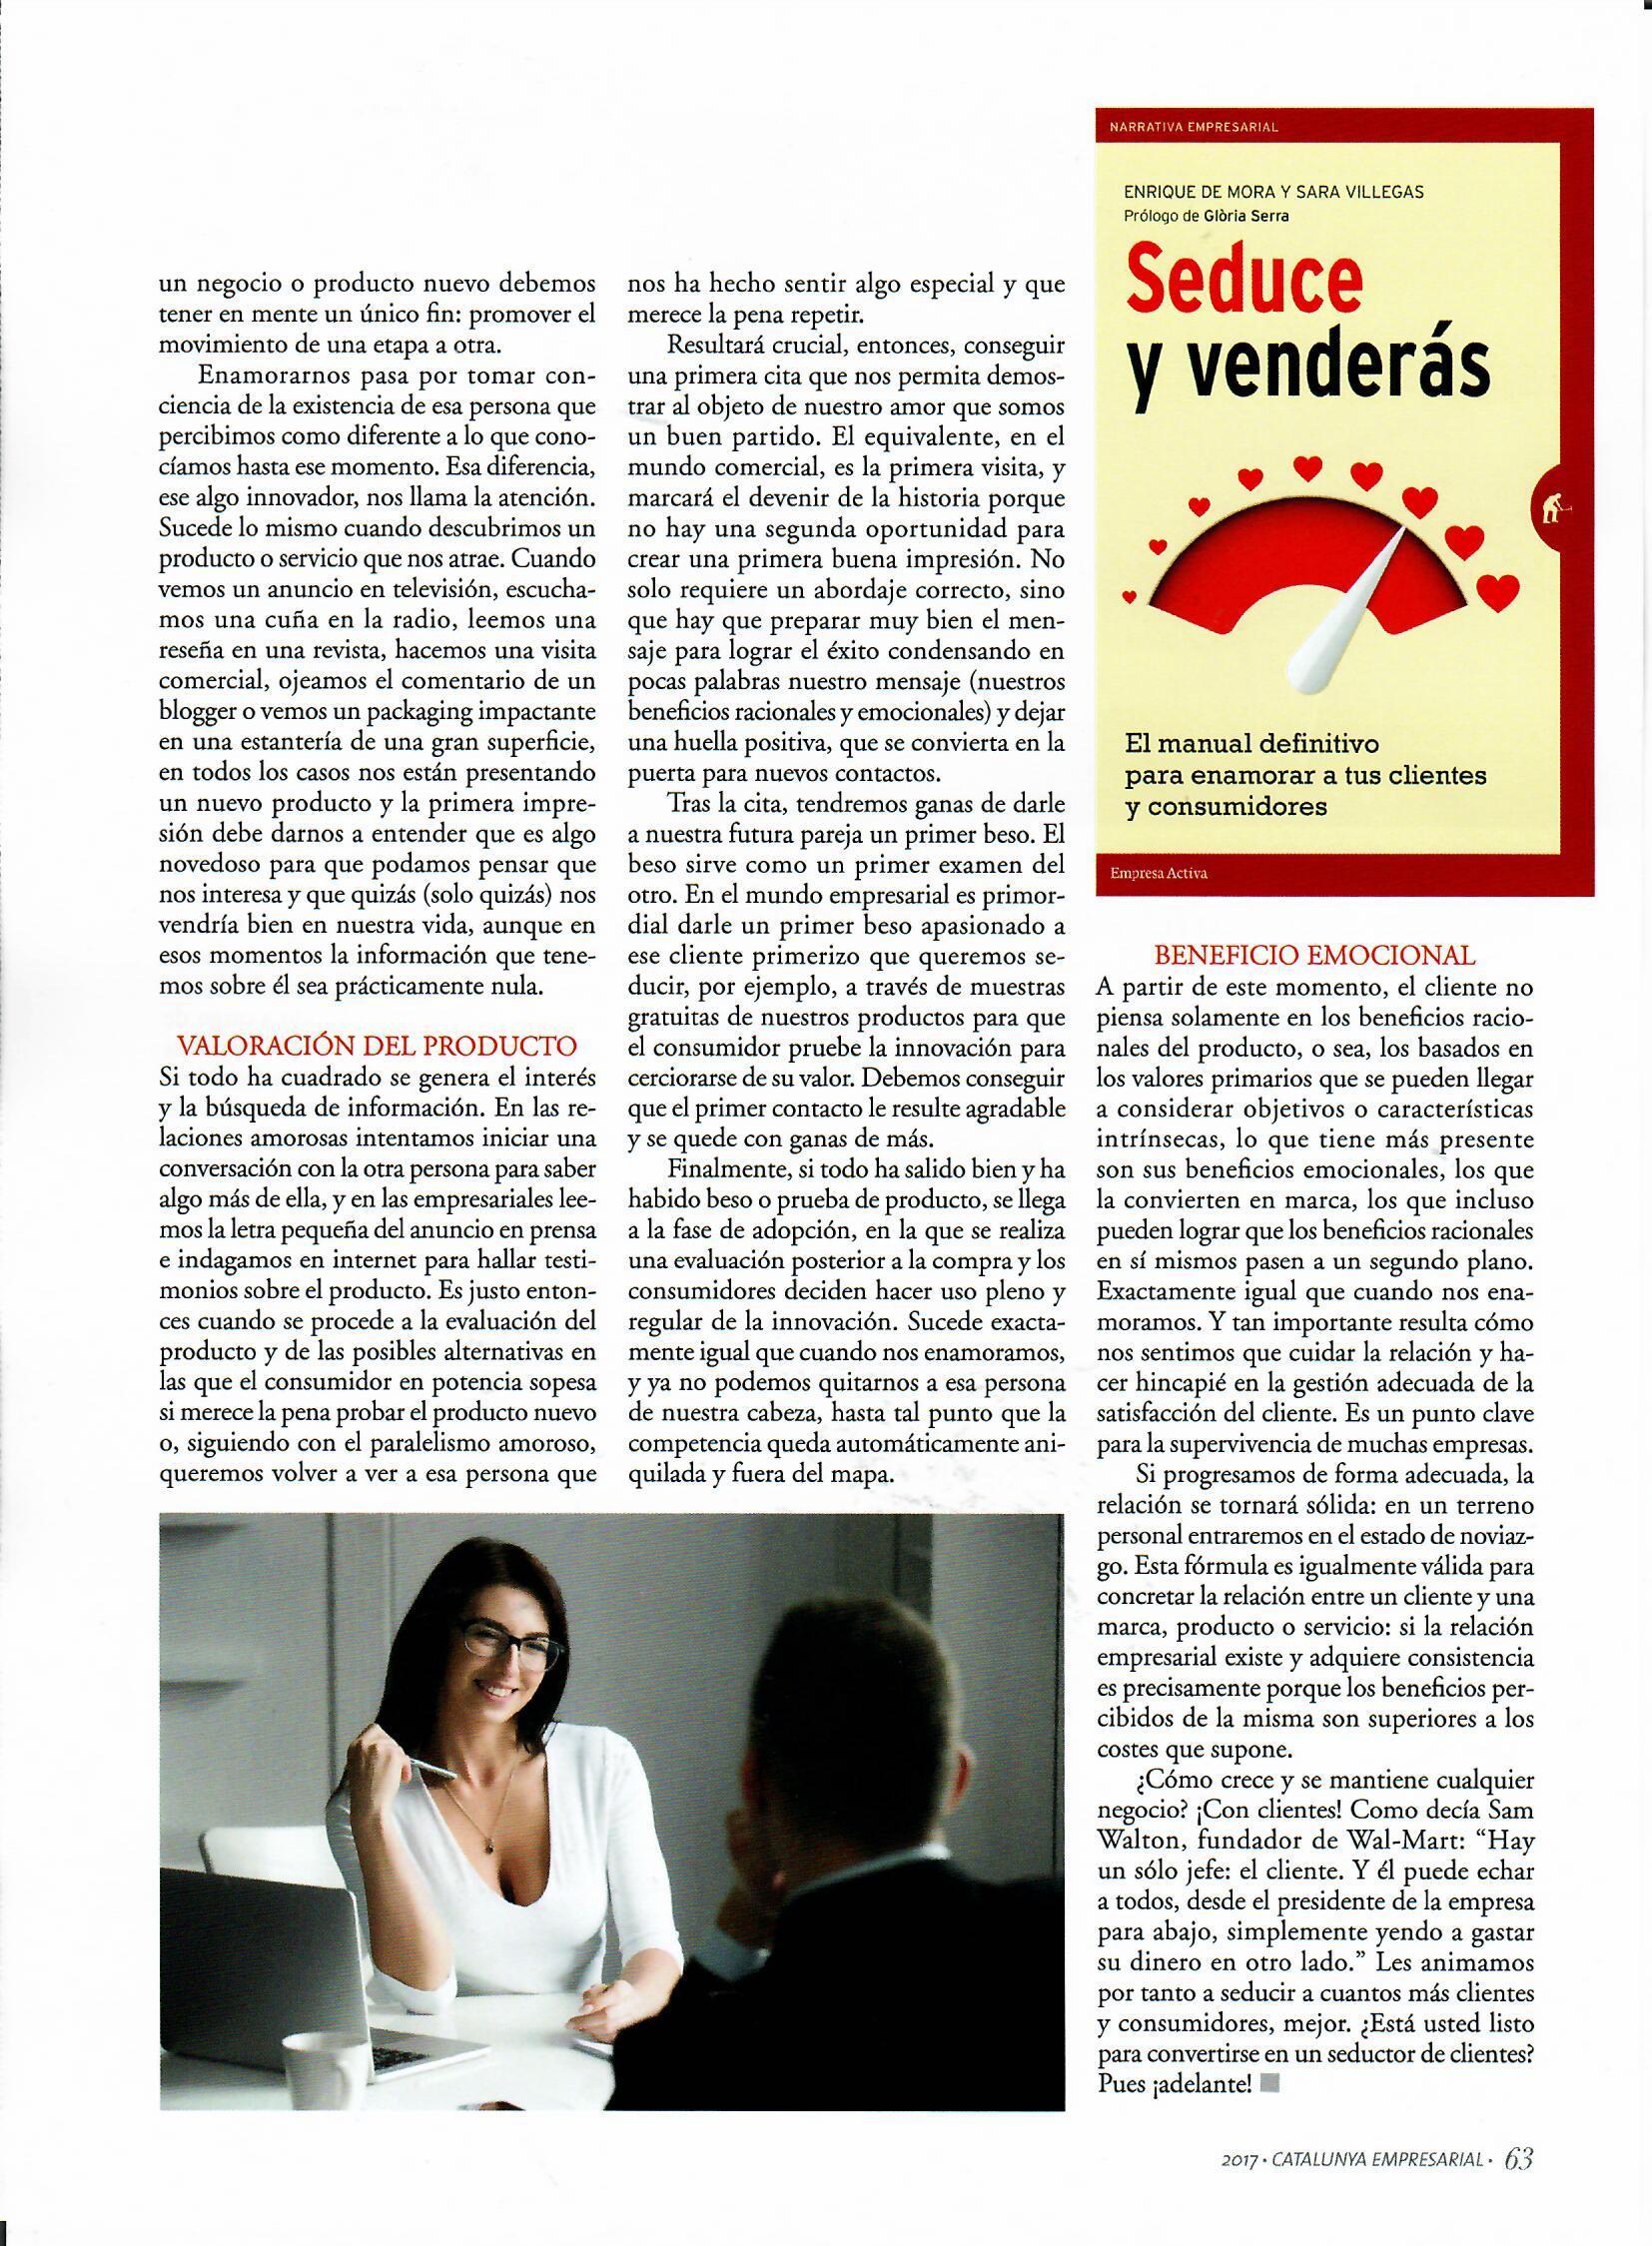 Enrique de Mora_2017.04.00_Catalunya Empresarial_pg63